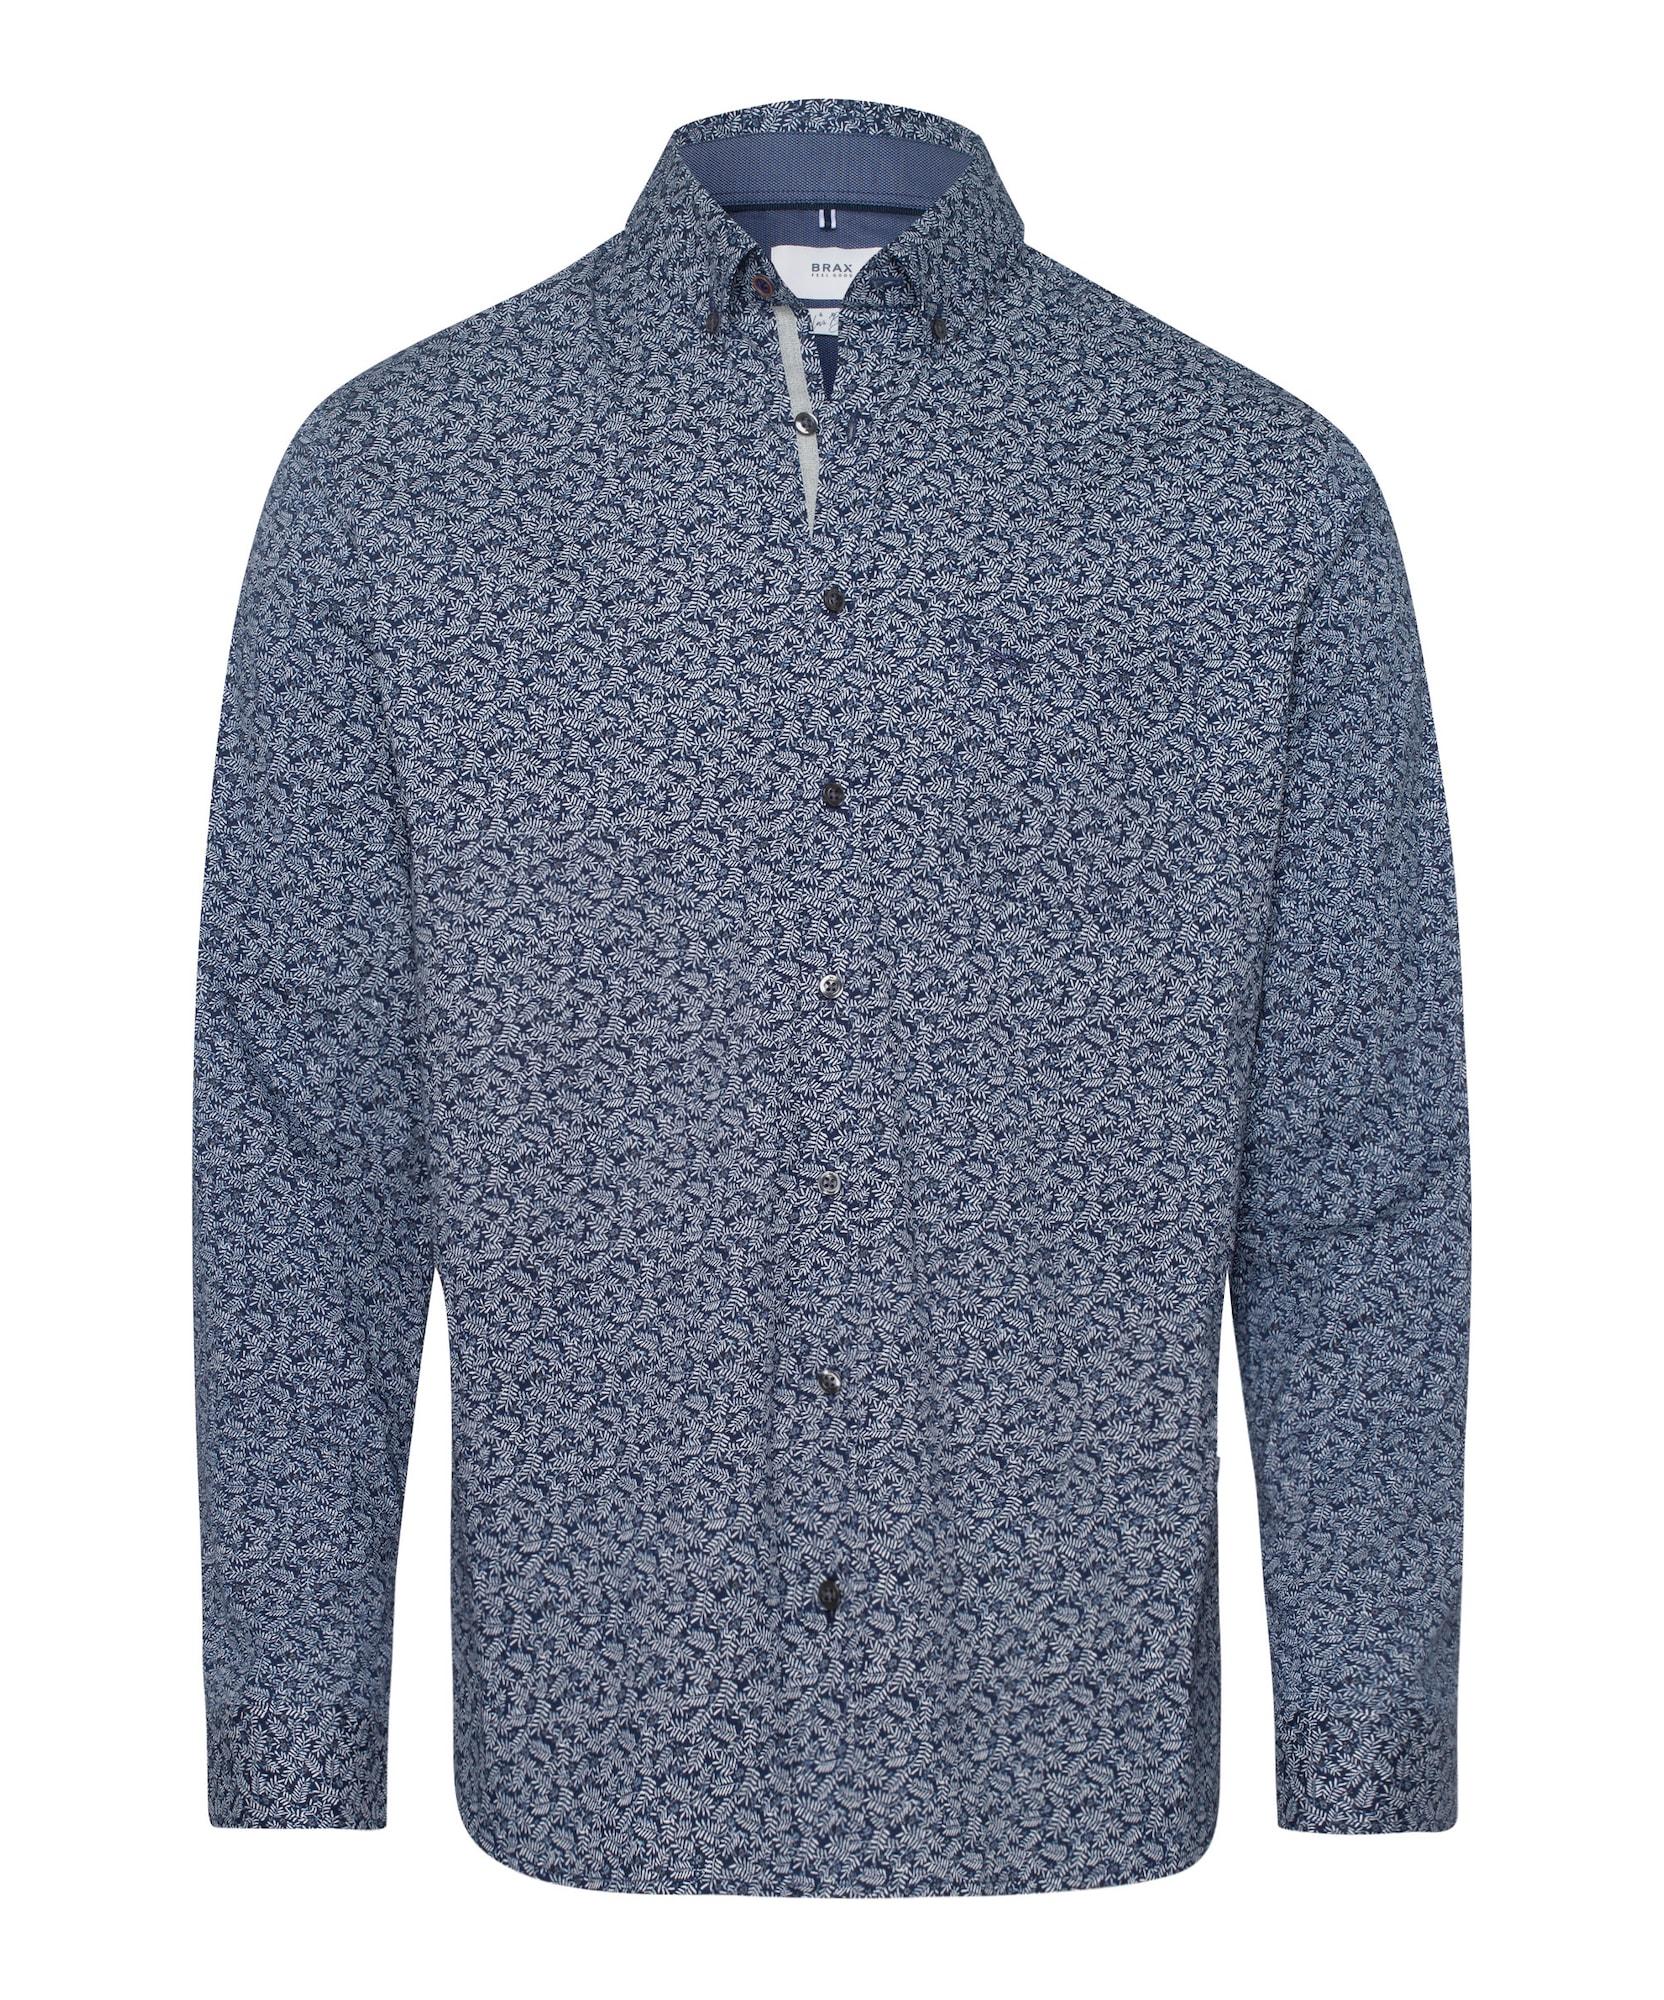 BRAX Marškiniai